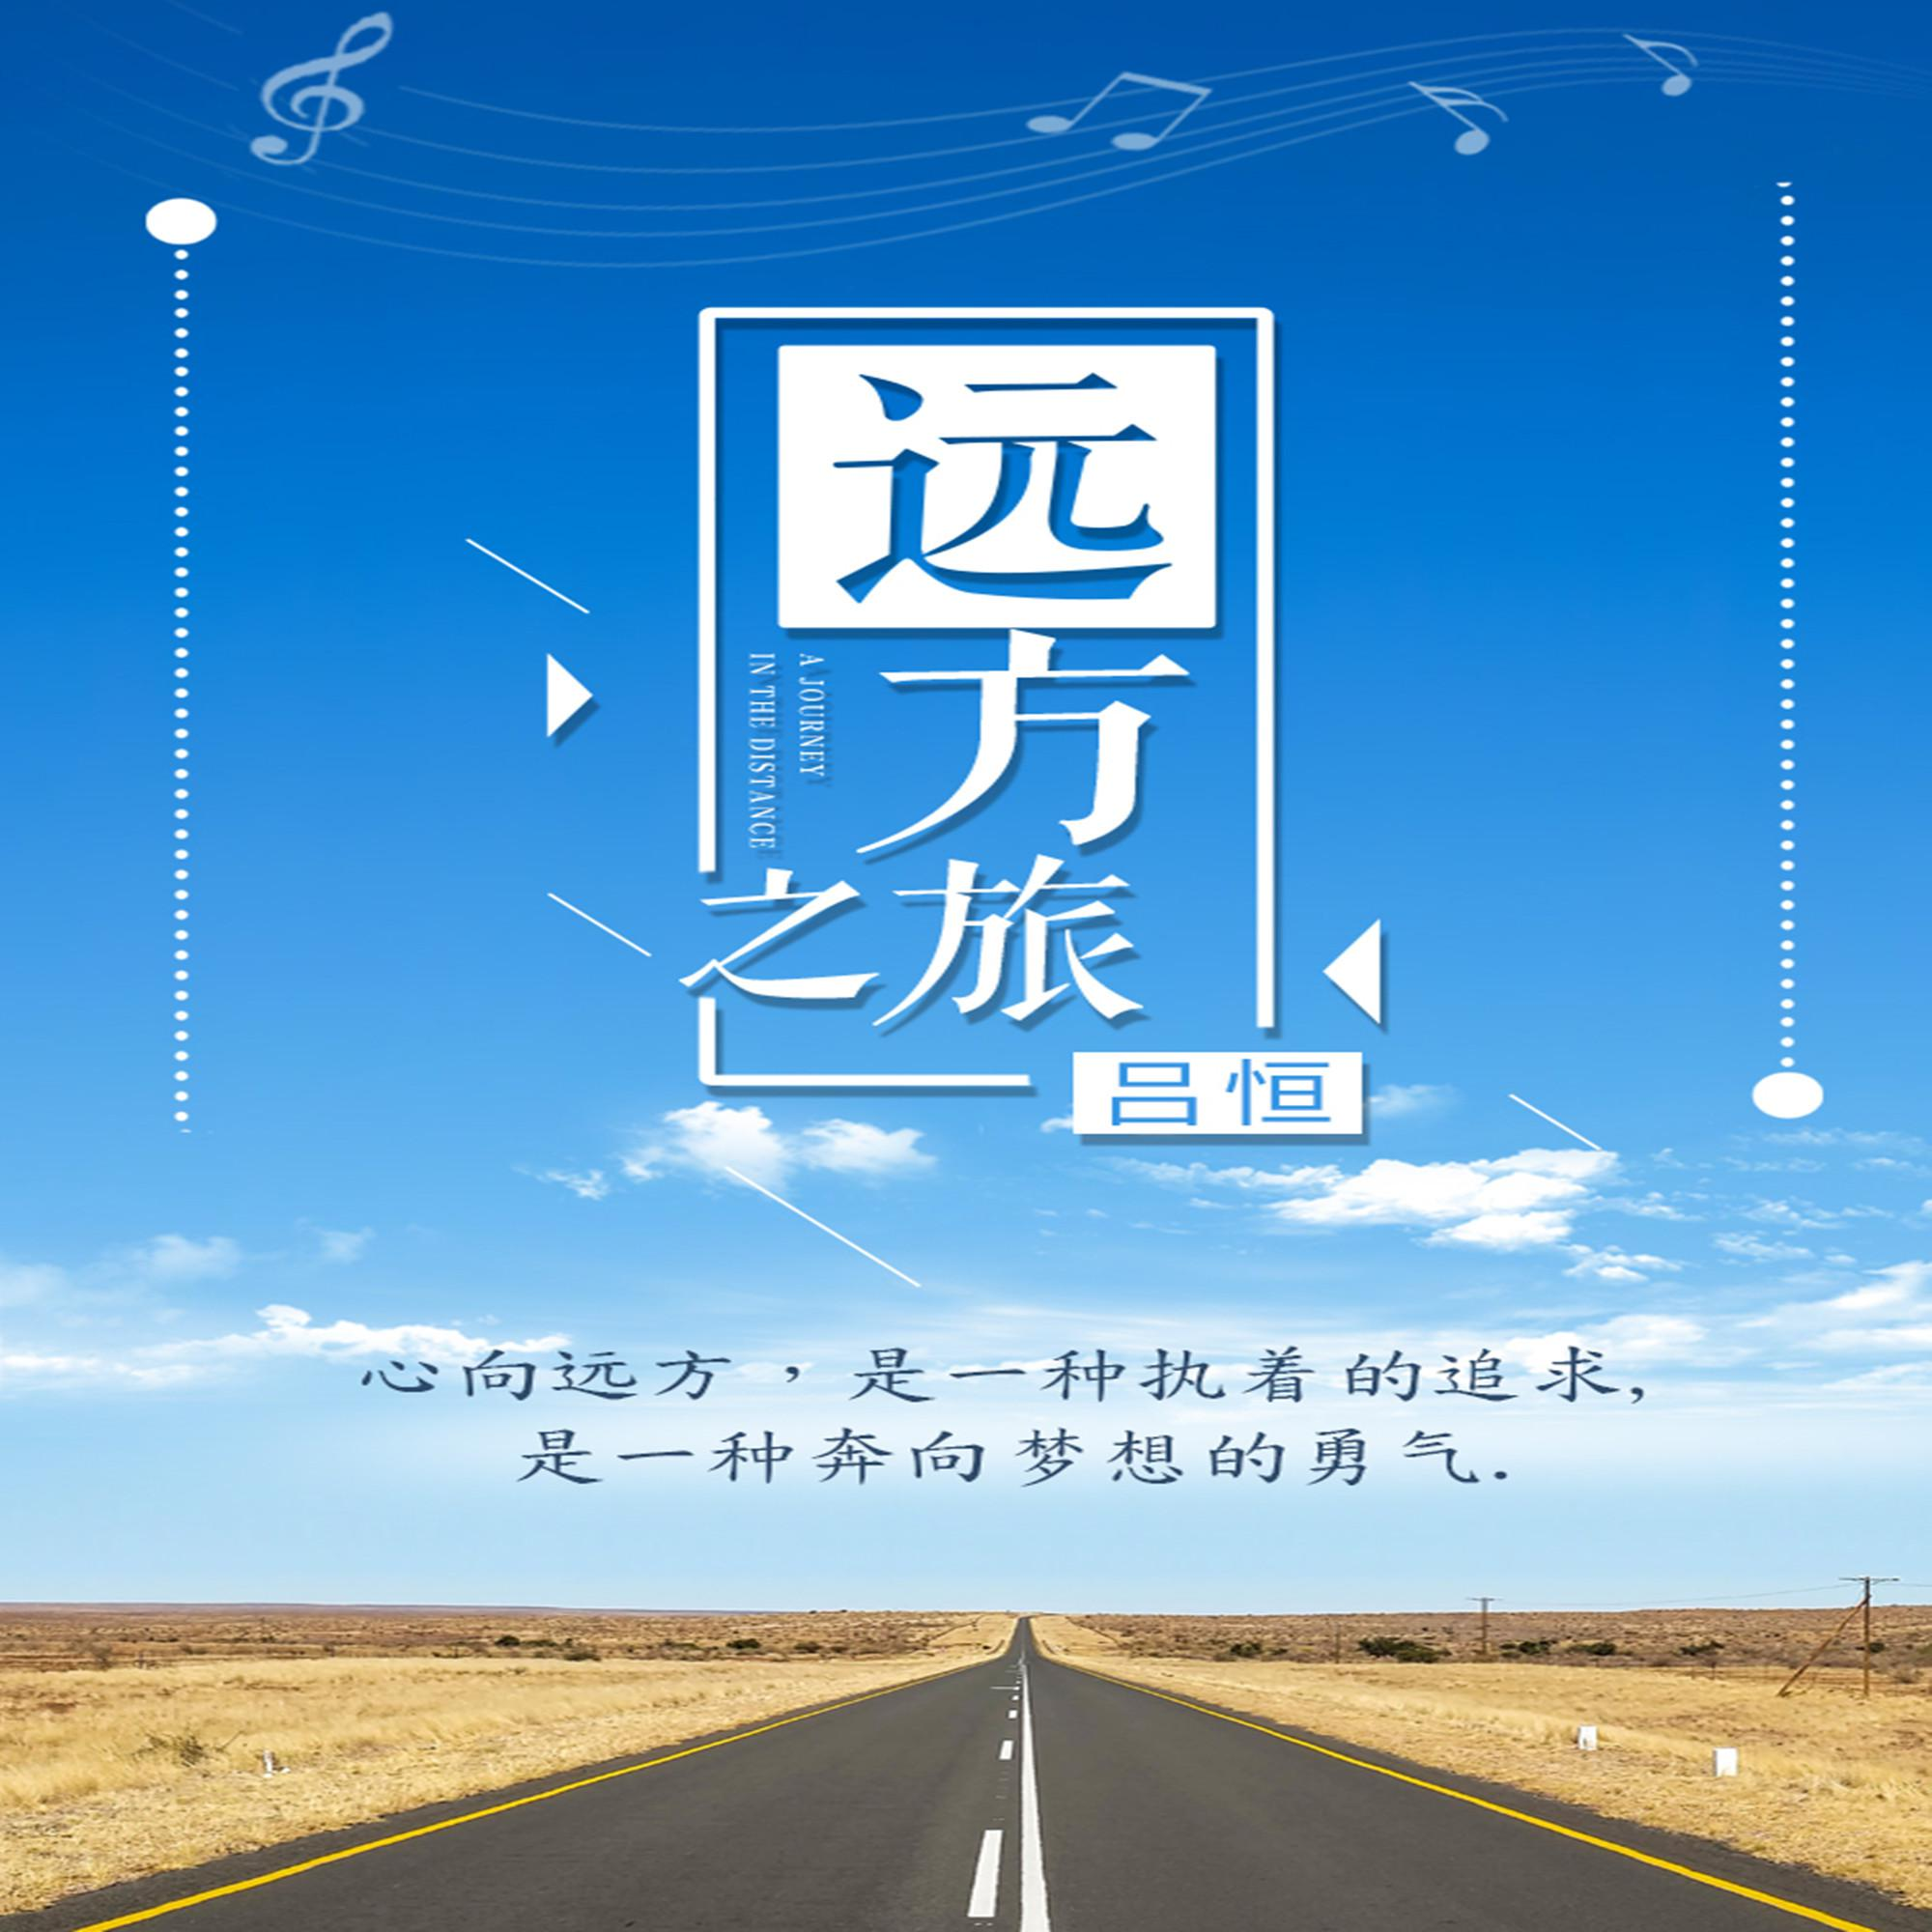 远方之旅(ajourneyinthedistance)